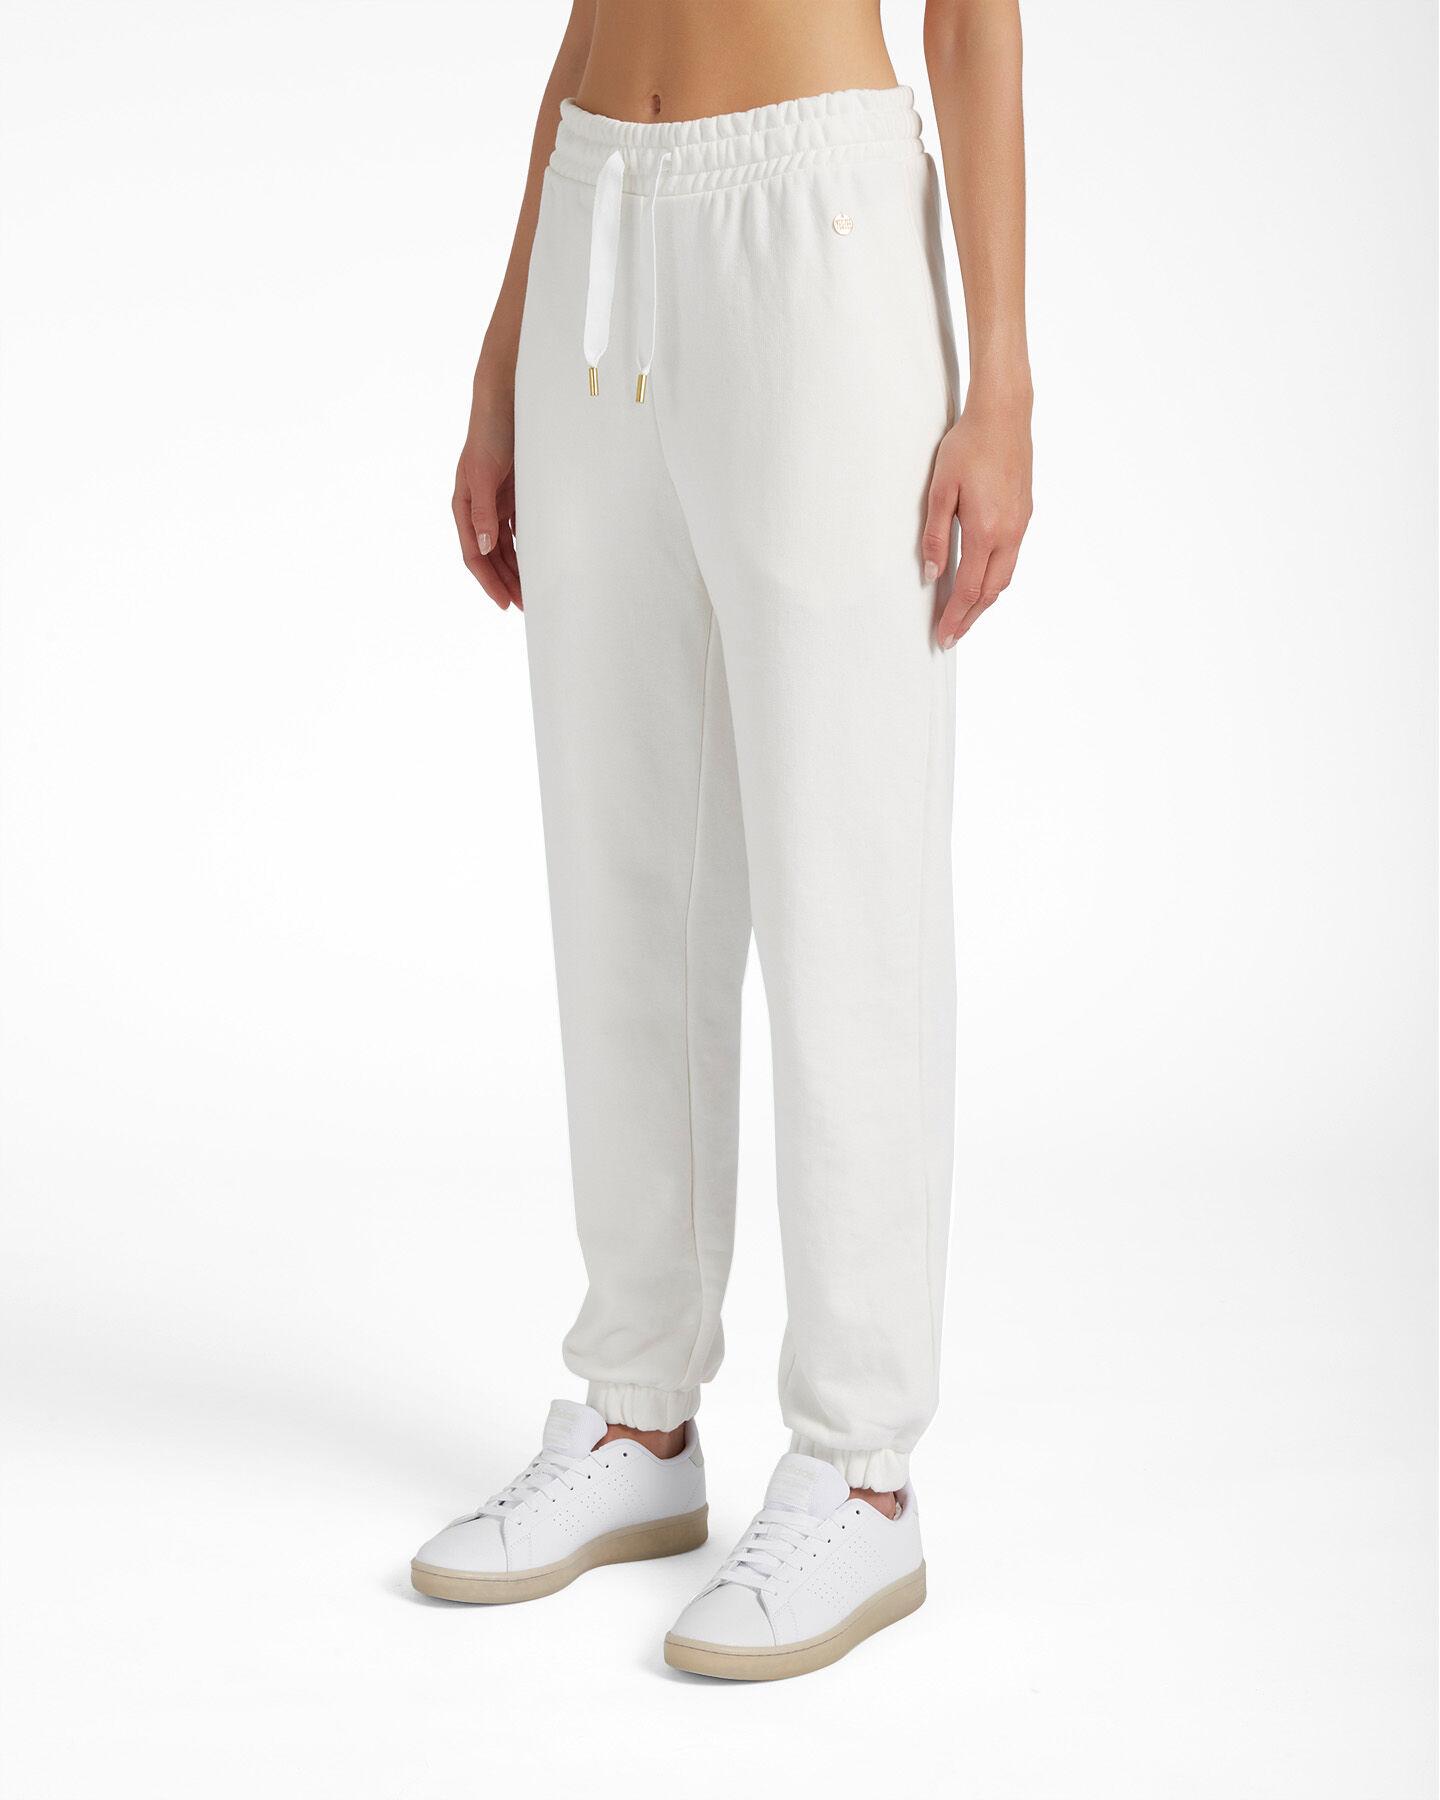 Pantalone ESSENZA CUFF W S4098346 scatto 2